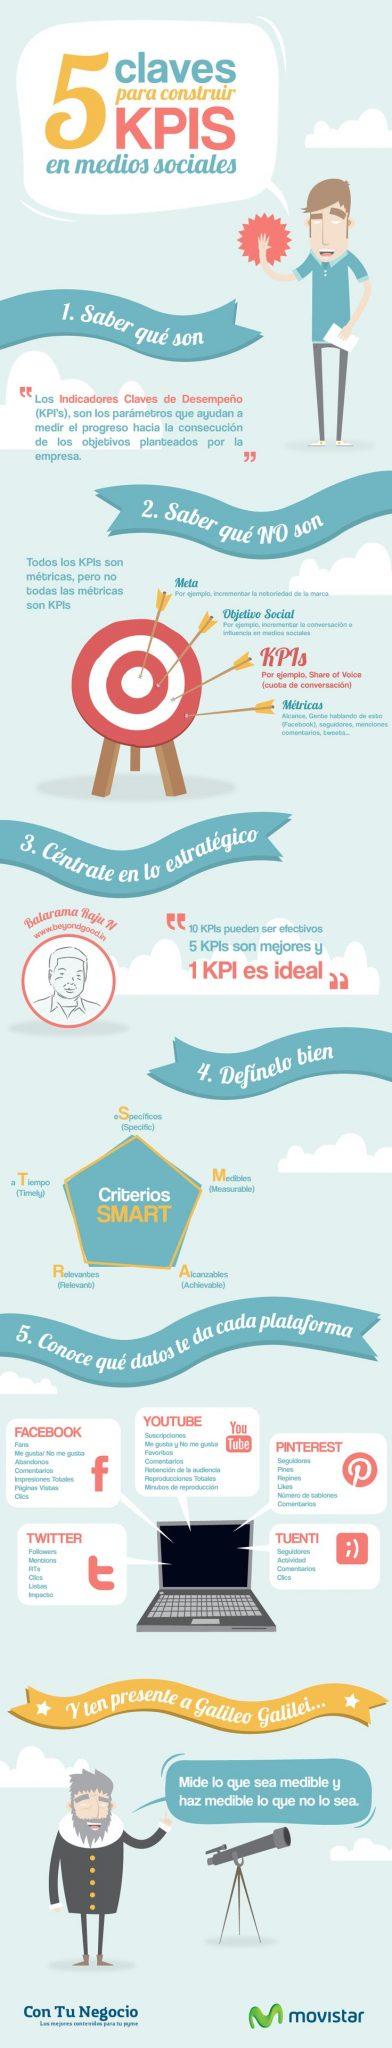 5 tips para construir KPIS en las Redes Sociales